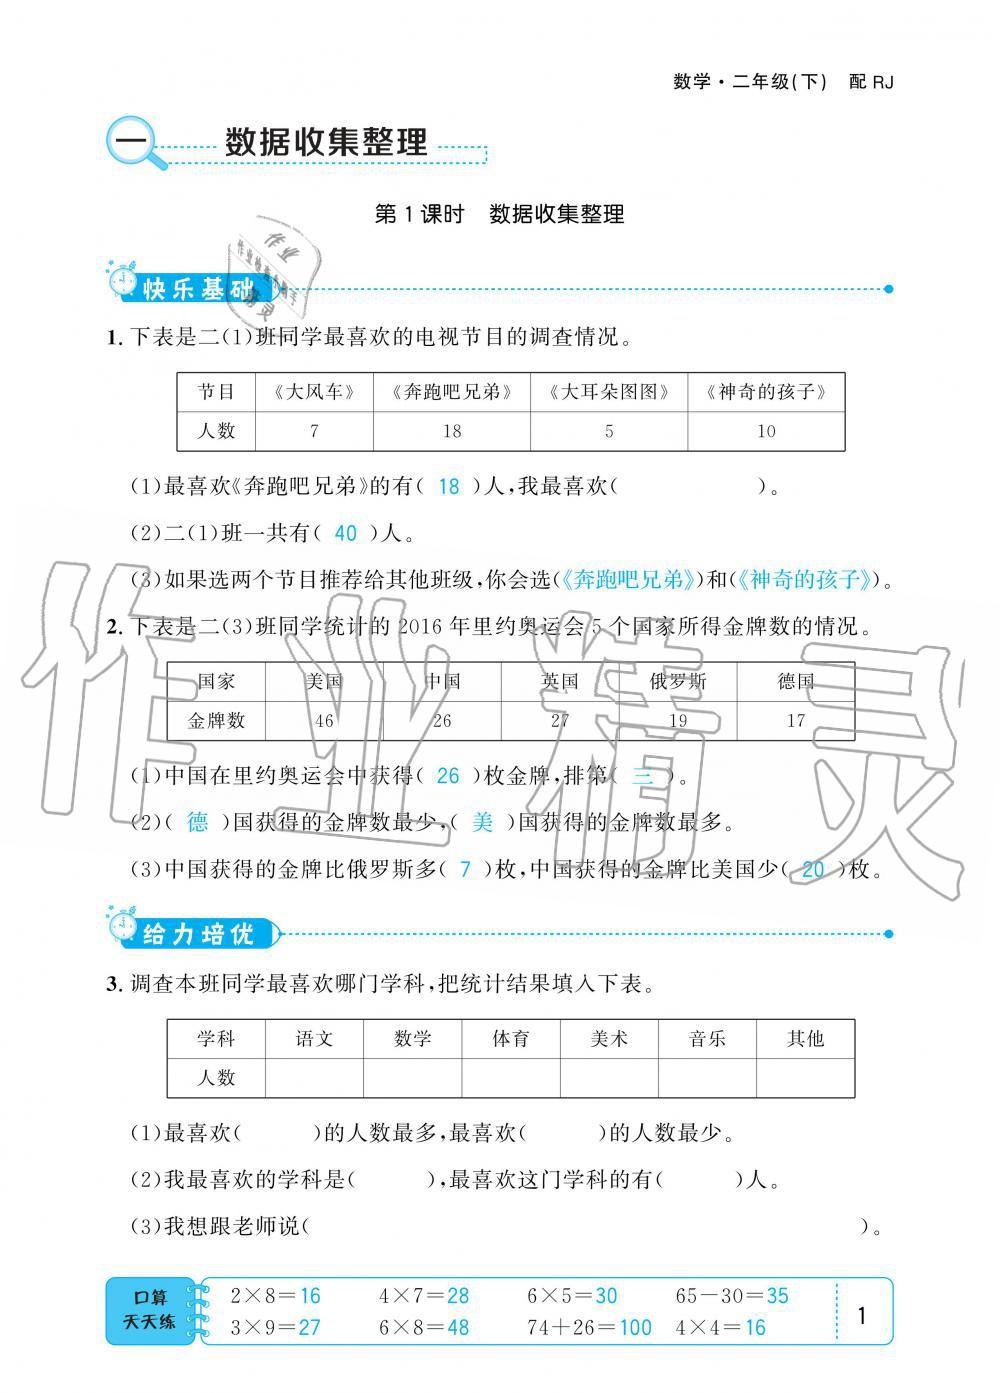 2020年小学1课3练培优作业本二年级数学下册人教版第1页